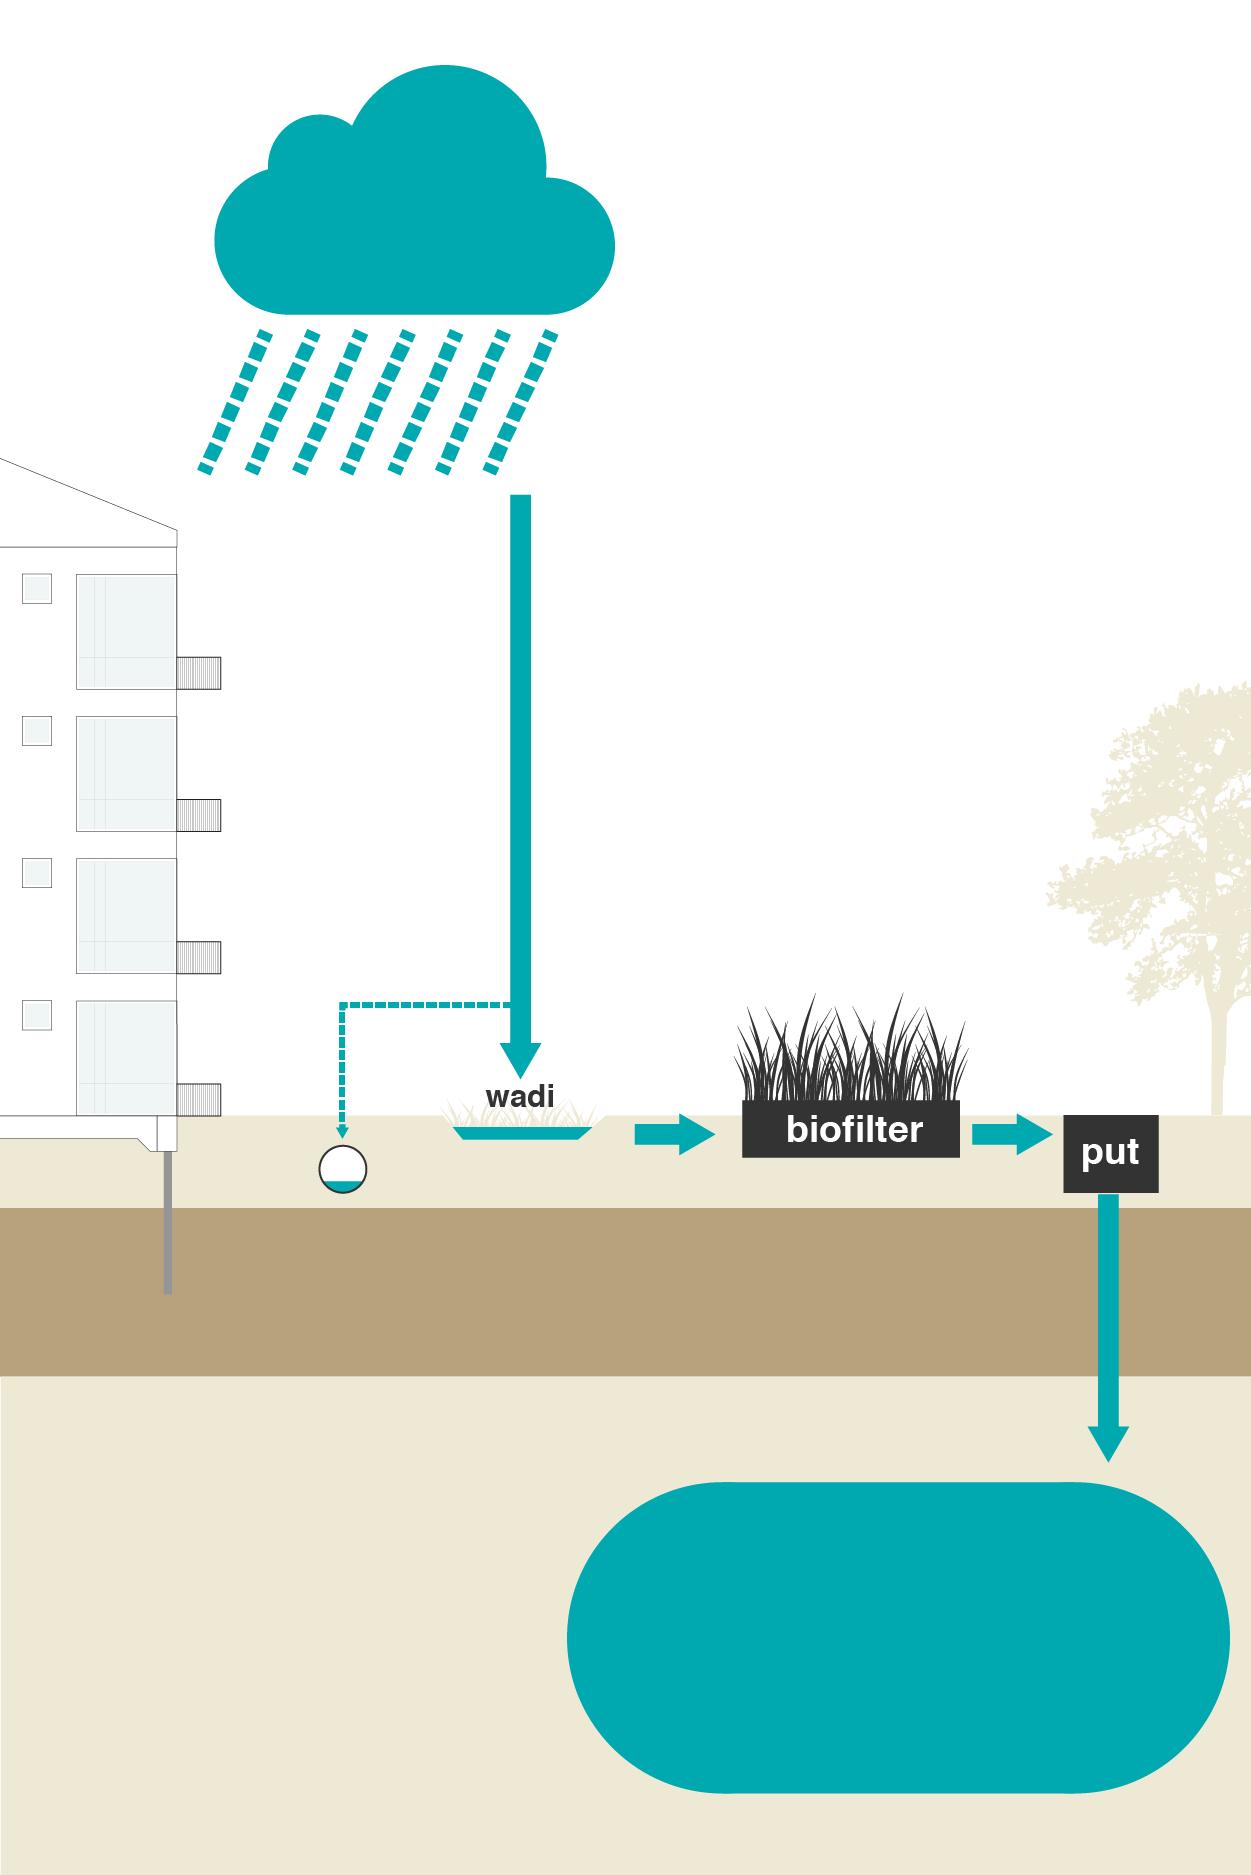 De afvoercapaciteit vergroten - Systeemcomponenten: biofilter en installaties.Met Bluebloqs wordt regenwater gezuiverd en binnen de projectgrens afgevoerd.Bluebloqs helpt asset- en facility managers om te voldoen aan regelgeving, zoals watercompensatie. Daarnaast verlaagt het kans op overstorten bij piekbuien en operationele kosten door geen water af te voeren naar de rioolwaterzuivering.Deze oplossing is geschikt in projecten zoals rioolvervanging, of wanneer oppervlaktewater of een gescheiden stelsel ontbreekt.